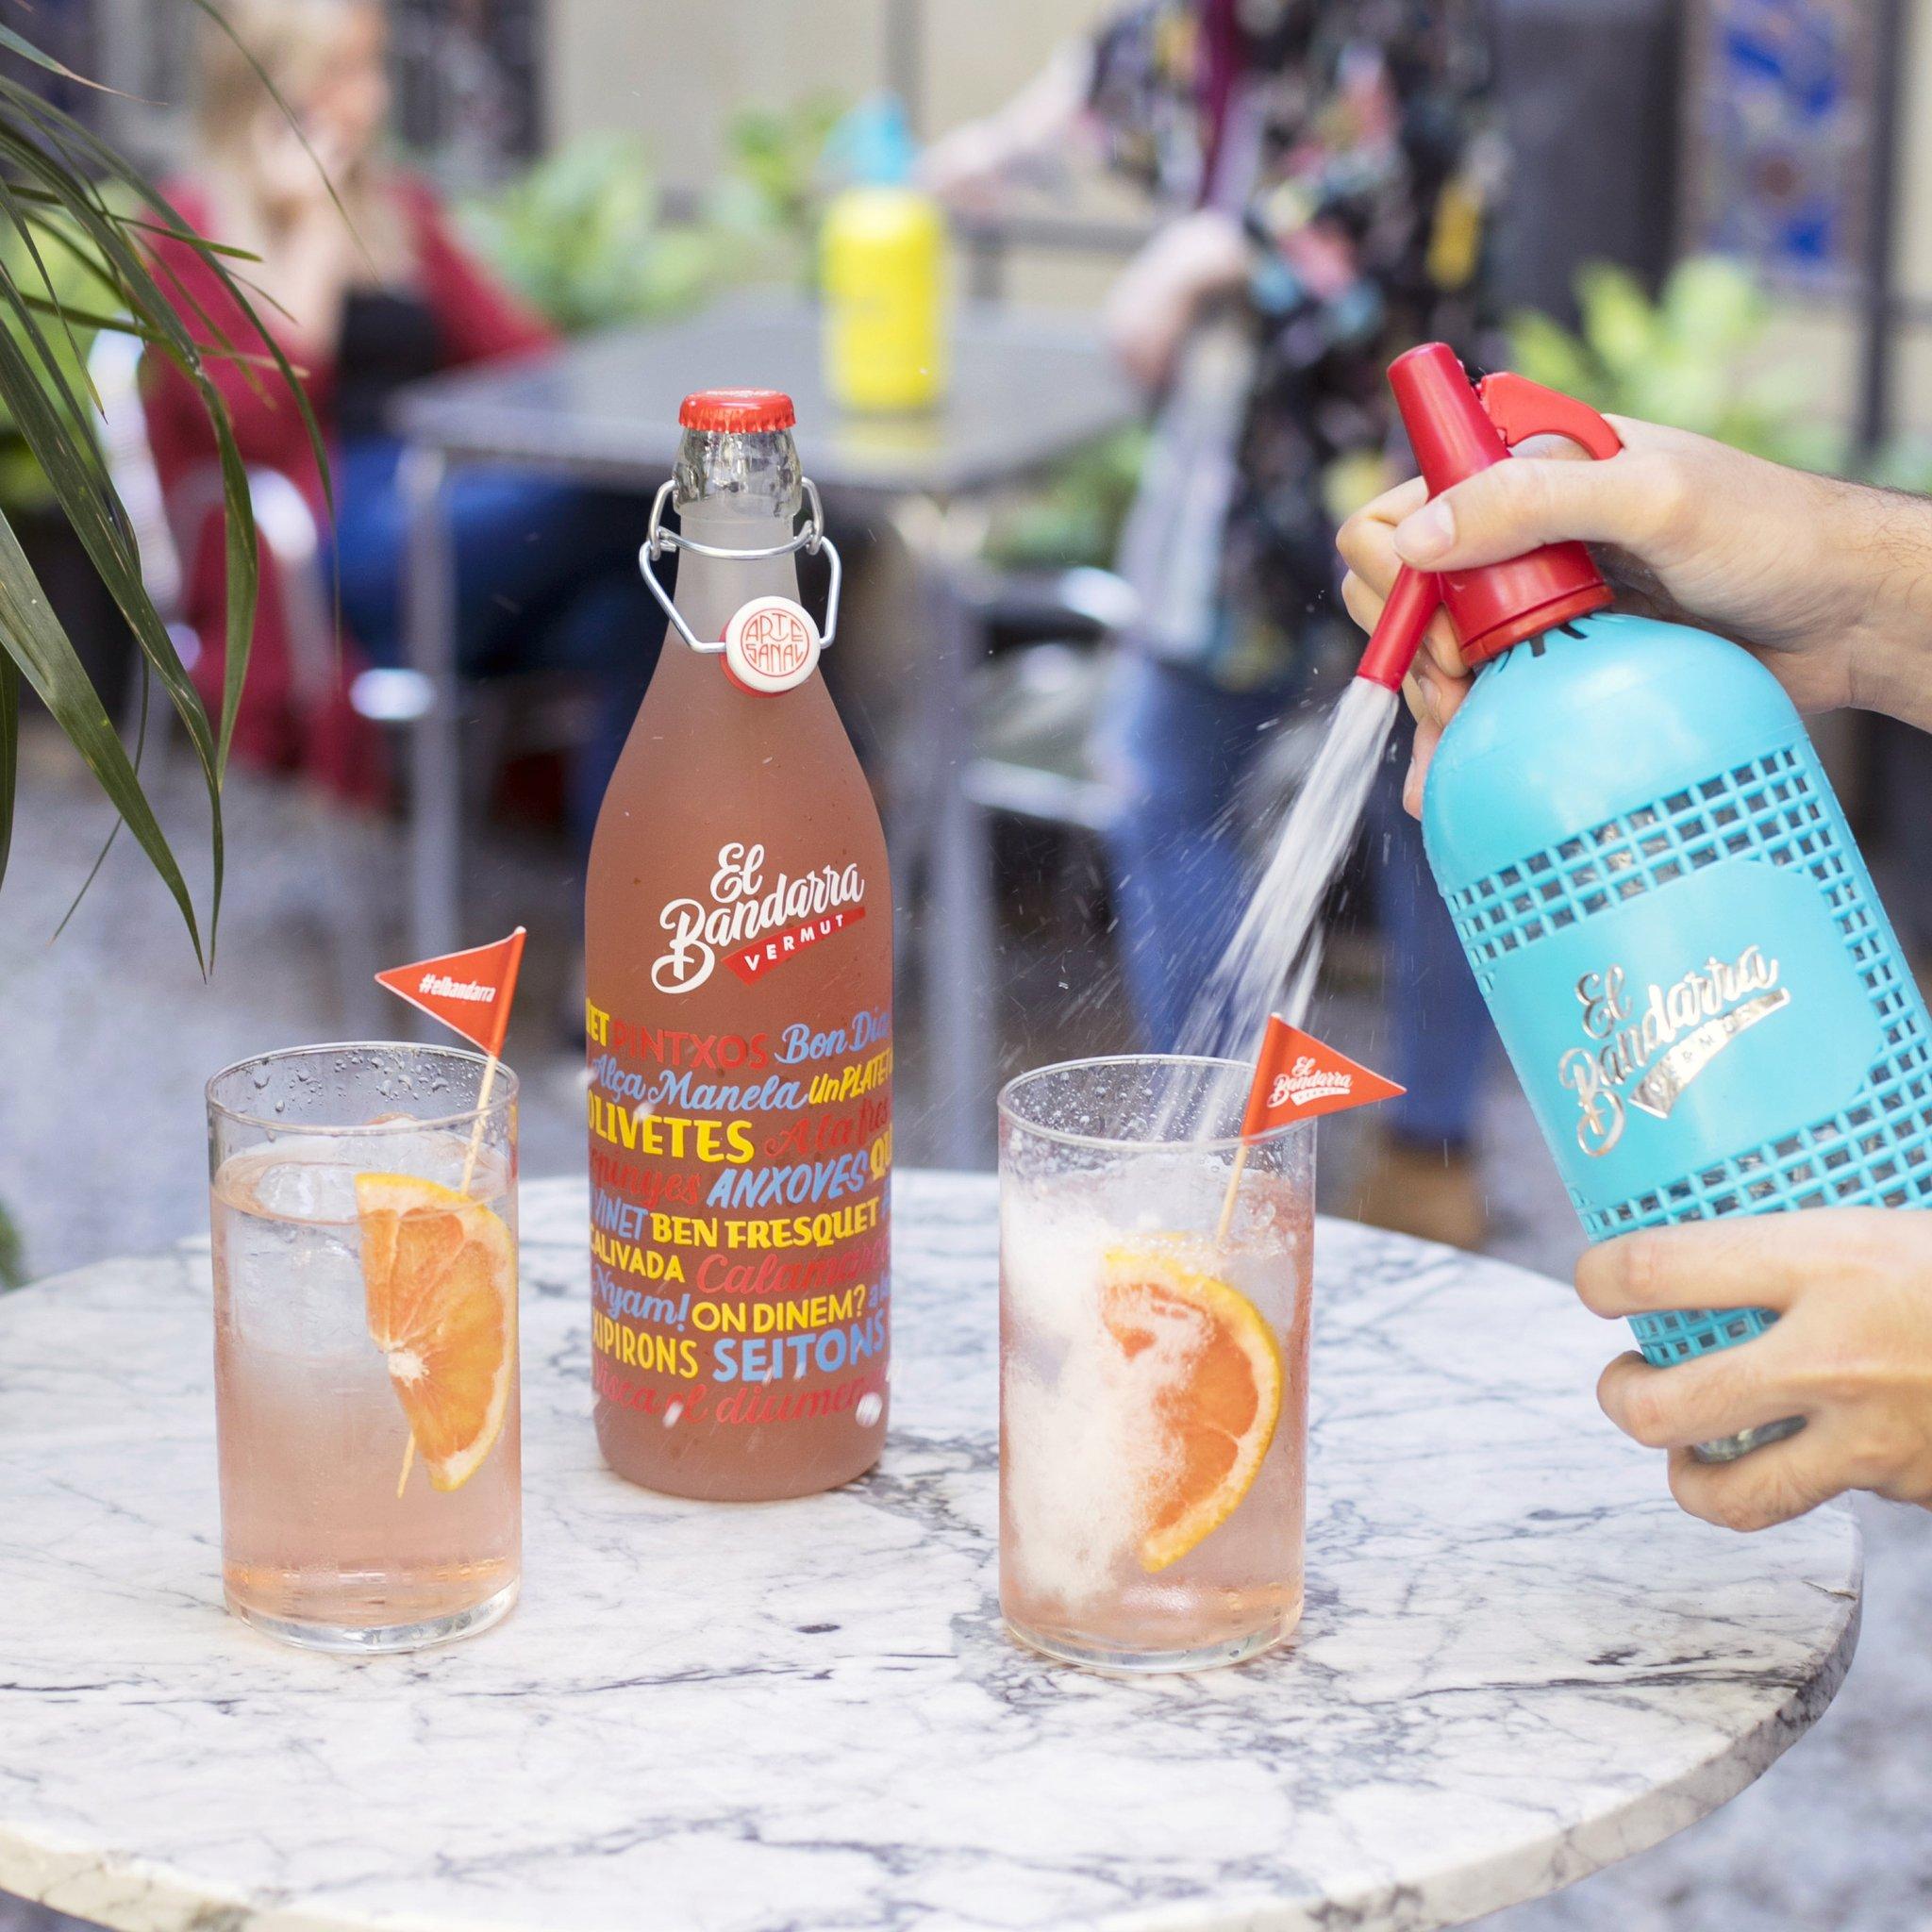 botella de Bandarra Rosé servida con sifón